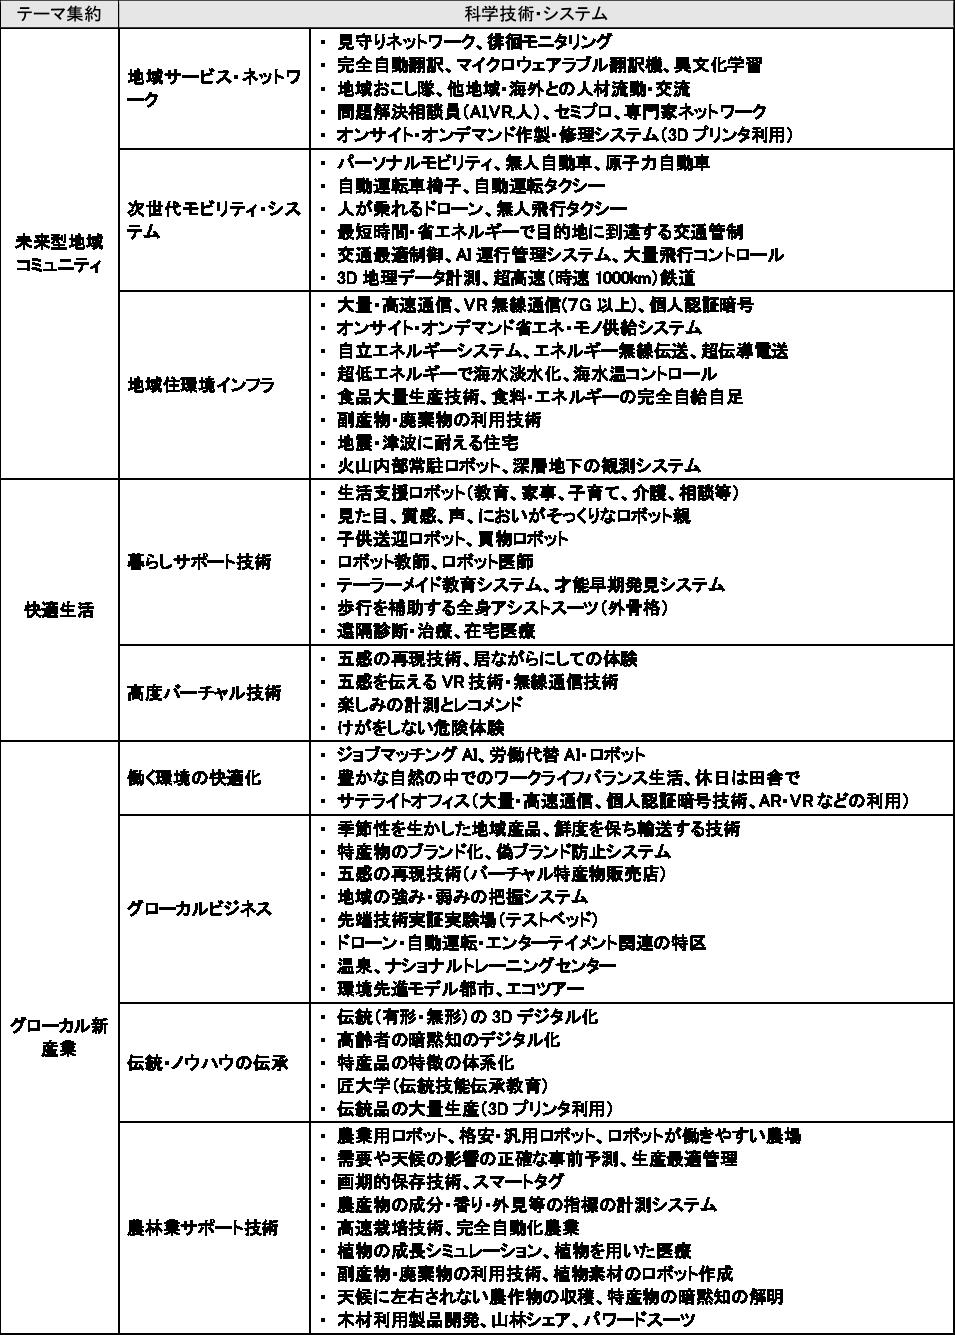 図表3 重点テーマの集約と関連科学技術・システム